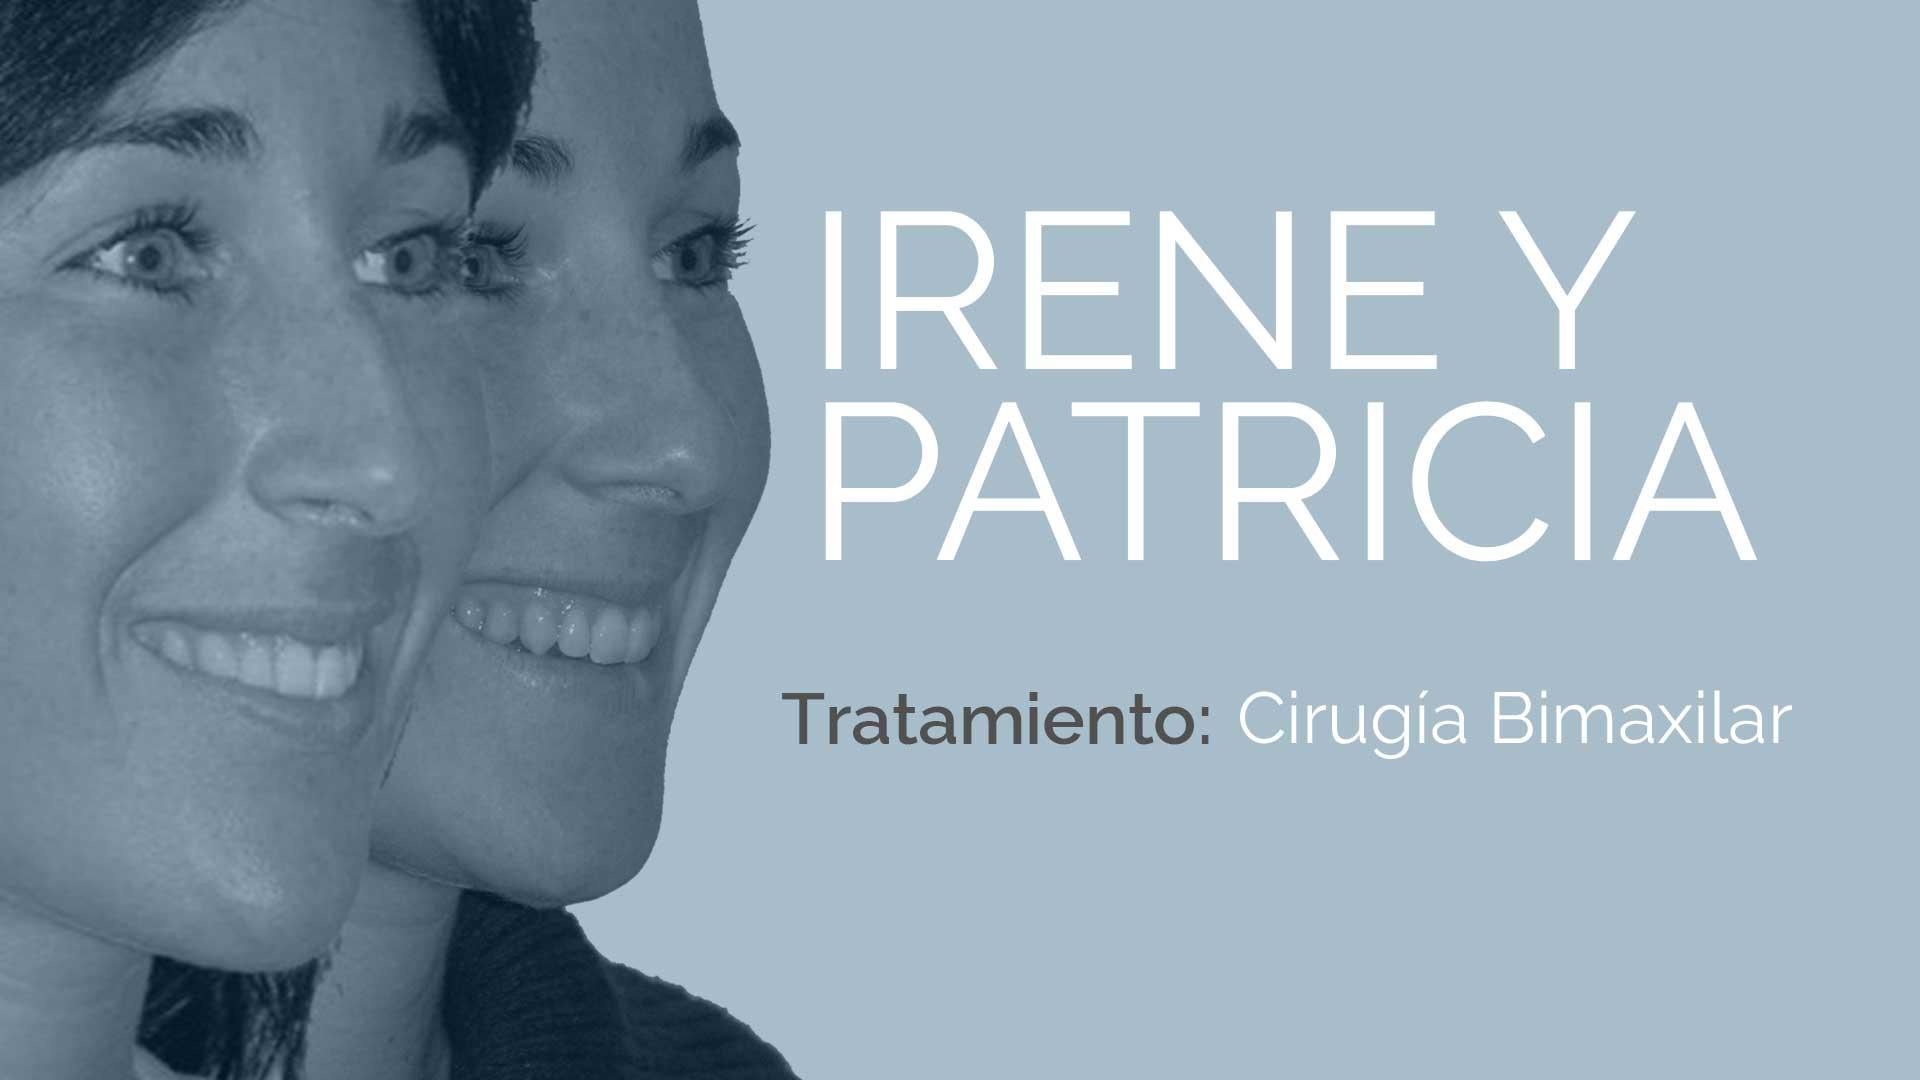 Irene y Patricia